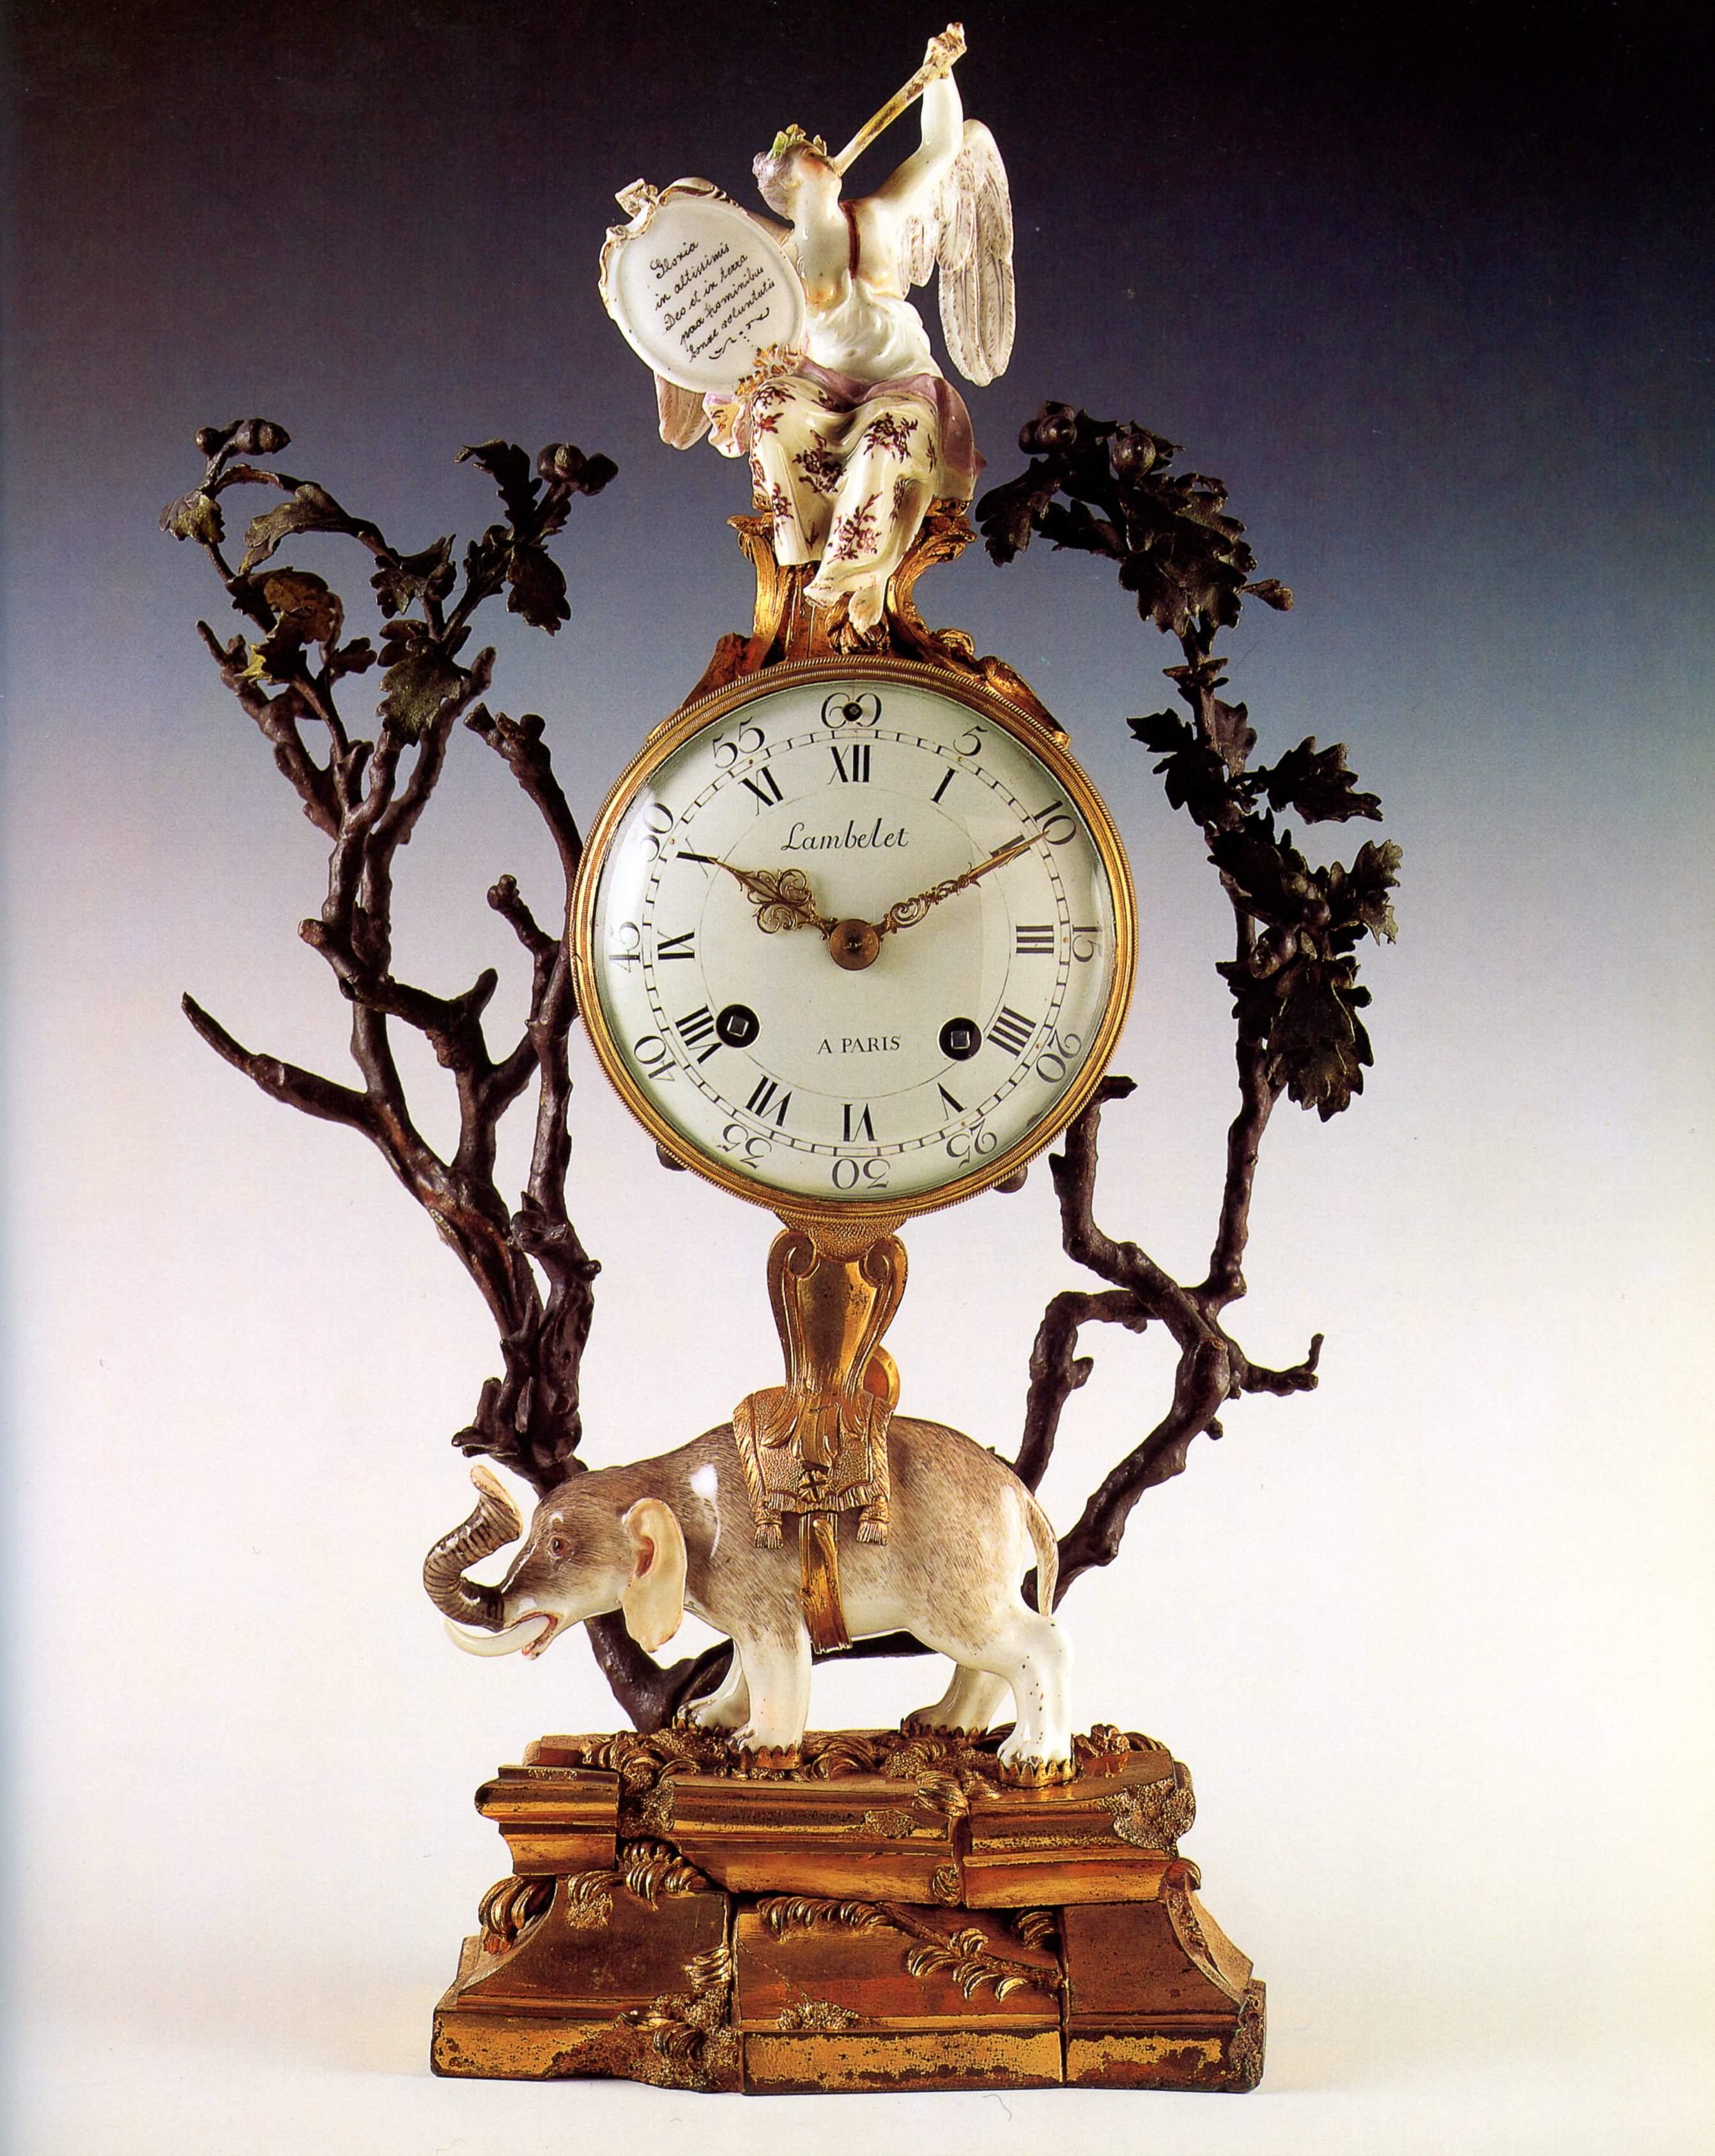 XVIIIe siecle pendule a l'ele phant France bronze et porcelaine 43,5x12,7x12 Fondation Angladon Dubrujeaud Avignon